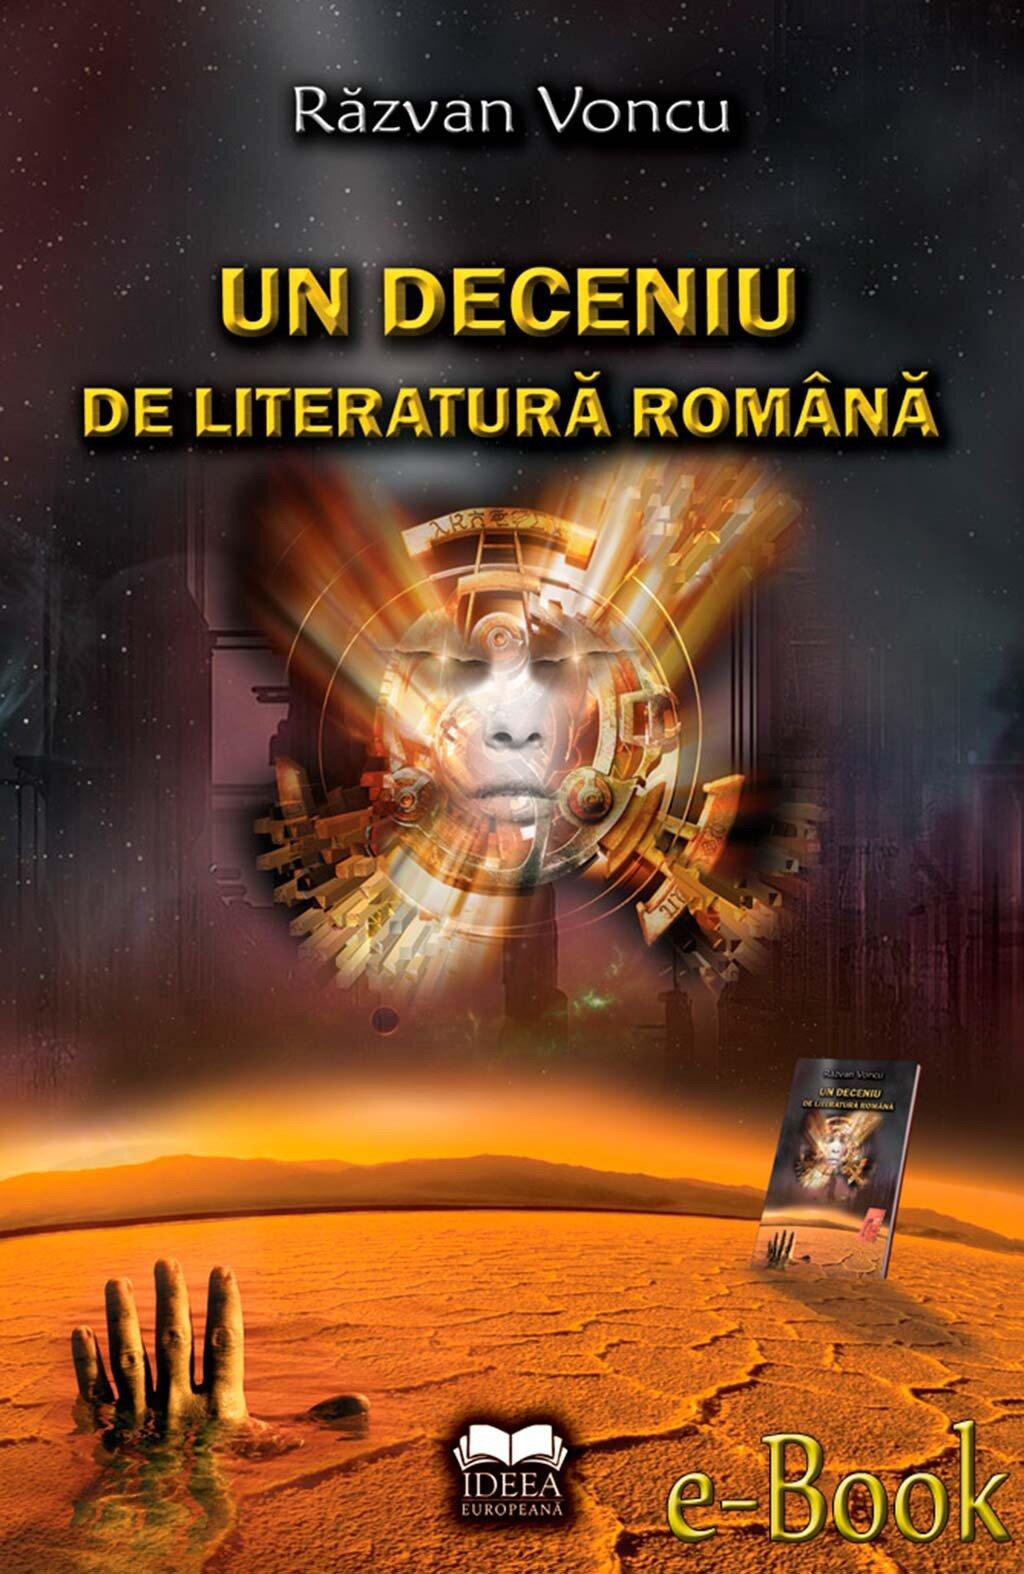 Un deceniu de literatura romana (eBook)